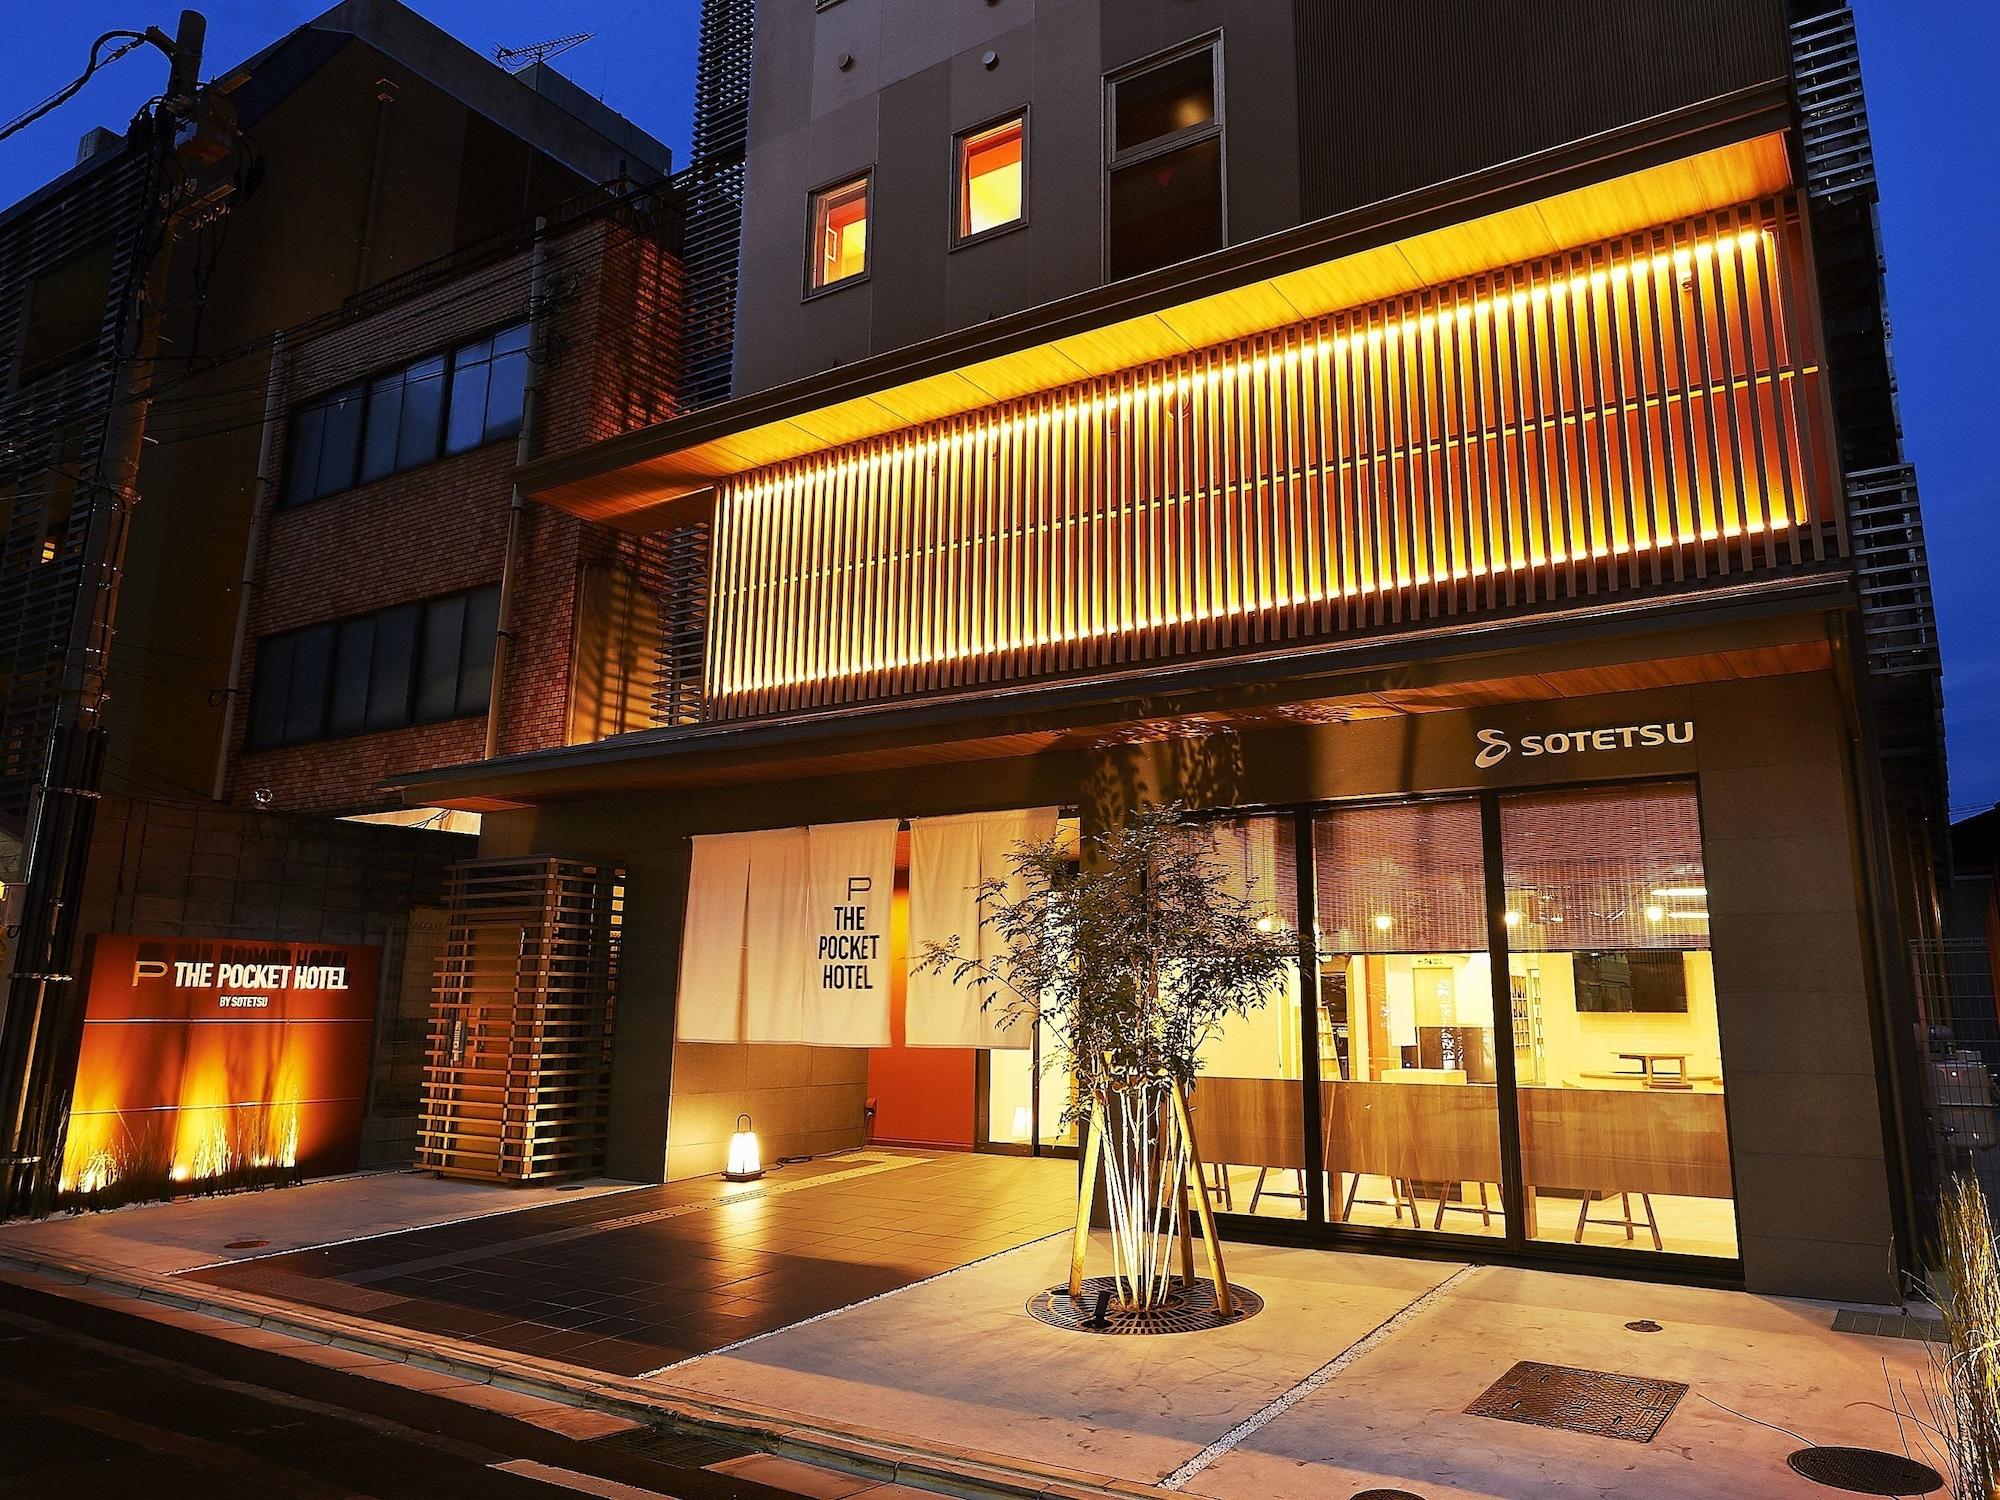 THE POCKET HOTEL Kyoto-Shijokarasuma, Kyoto